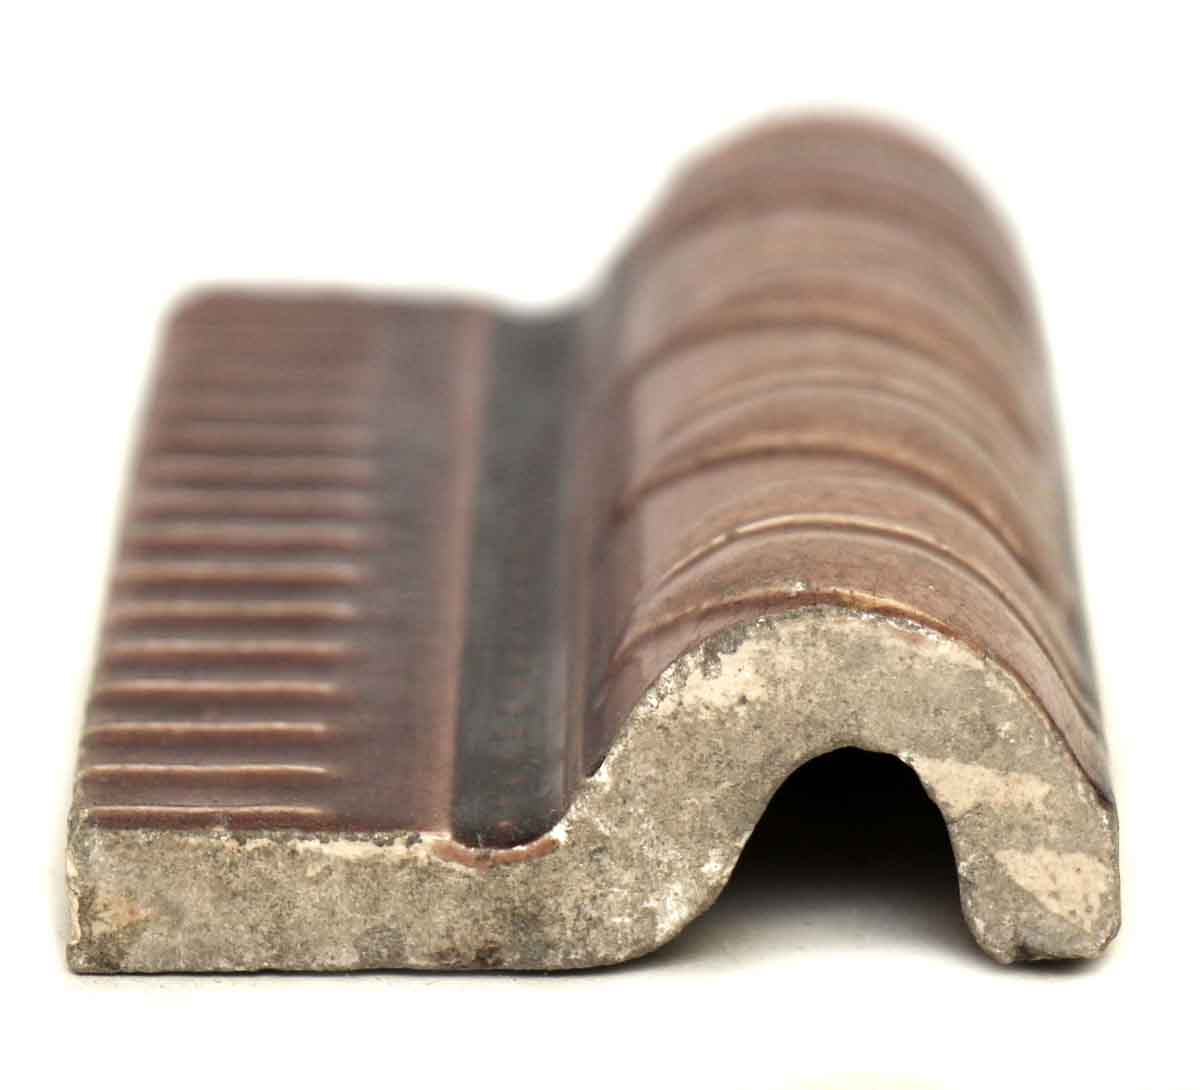 Pair Of Curved Brown Ceramic Edge Tiles Olde Good Things